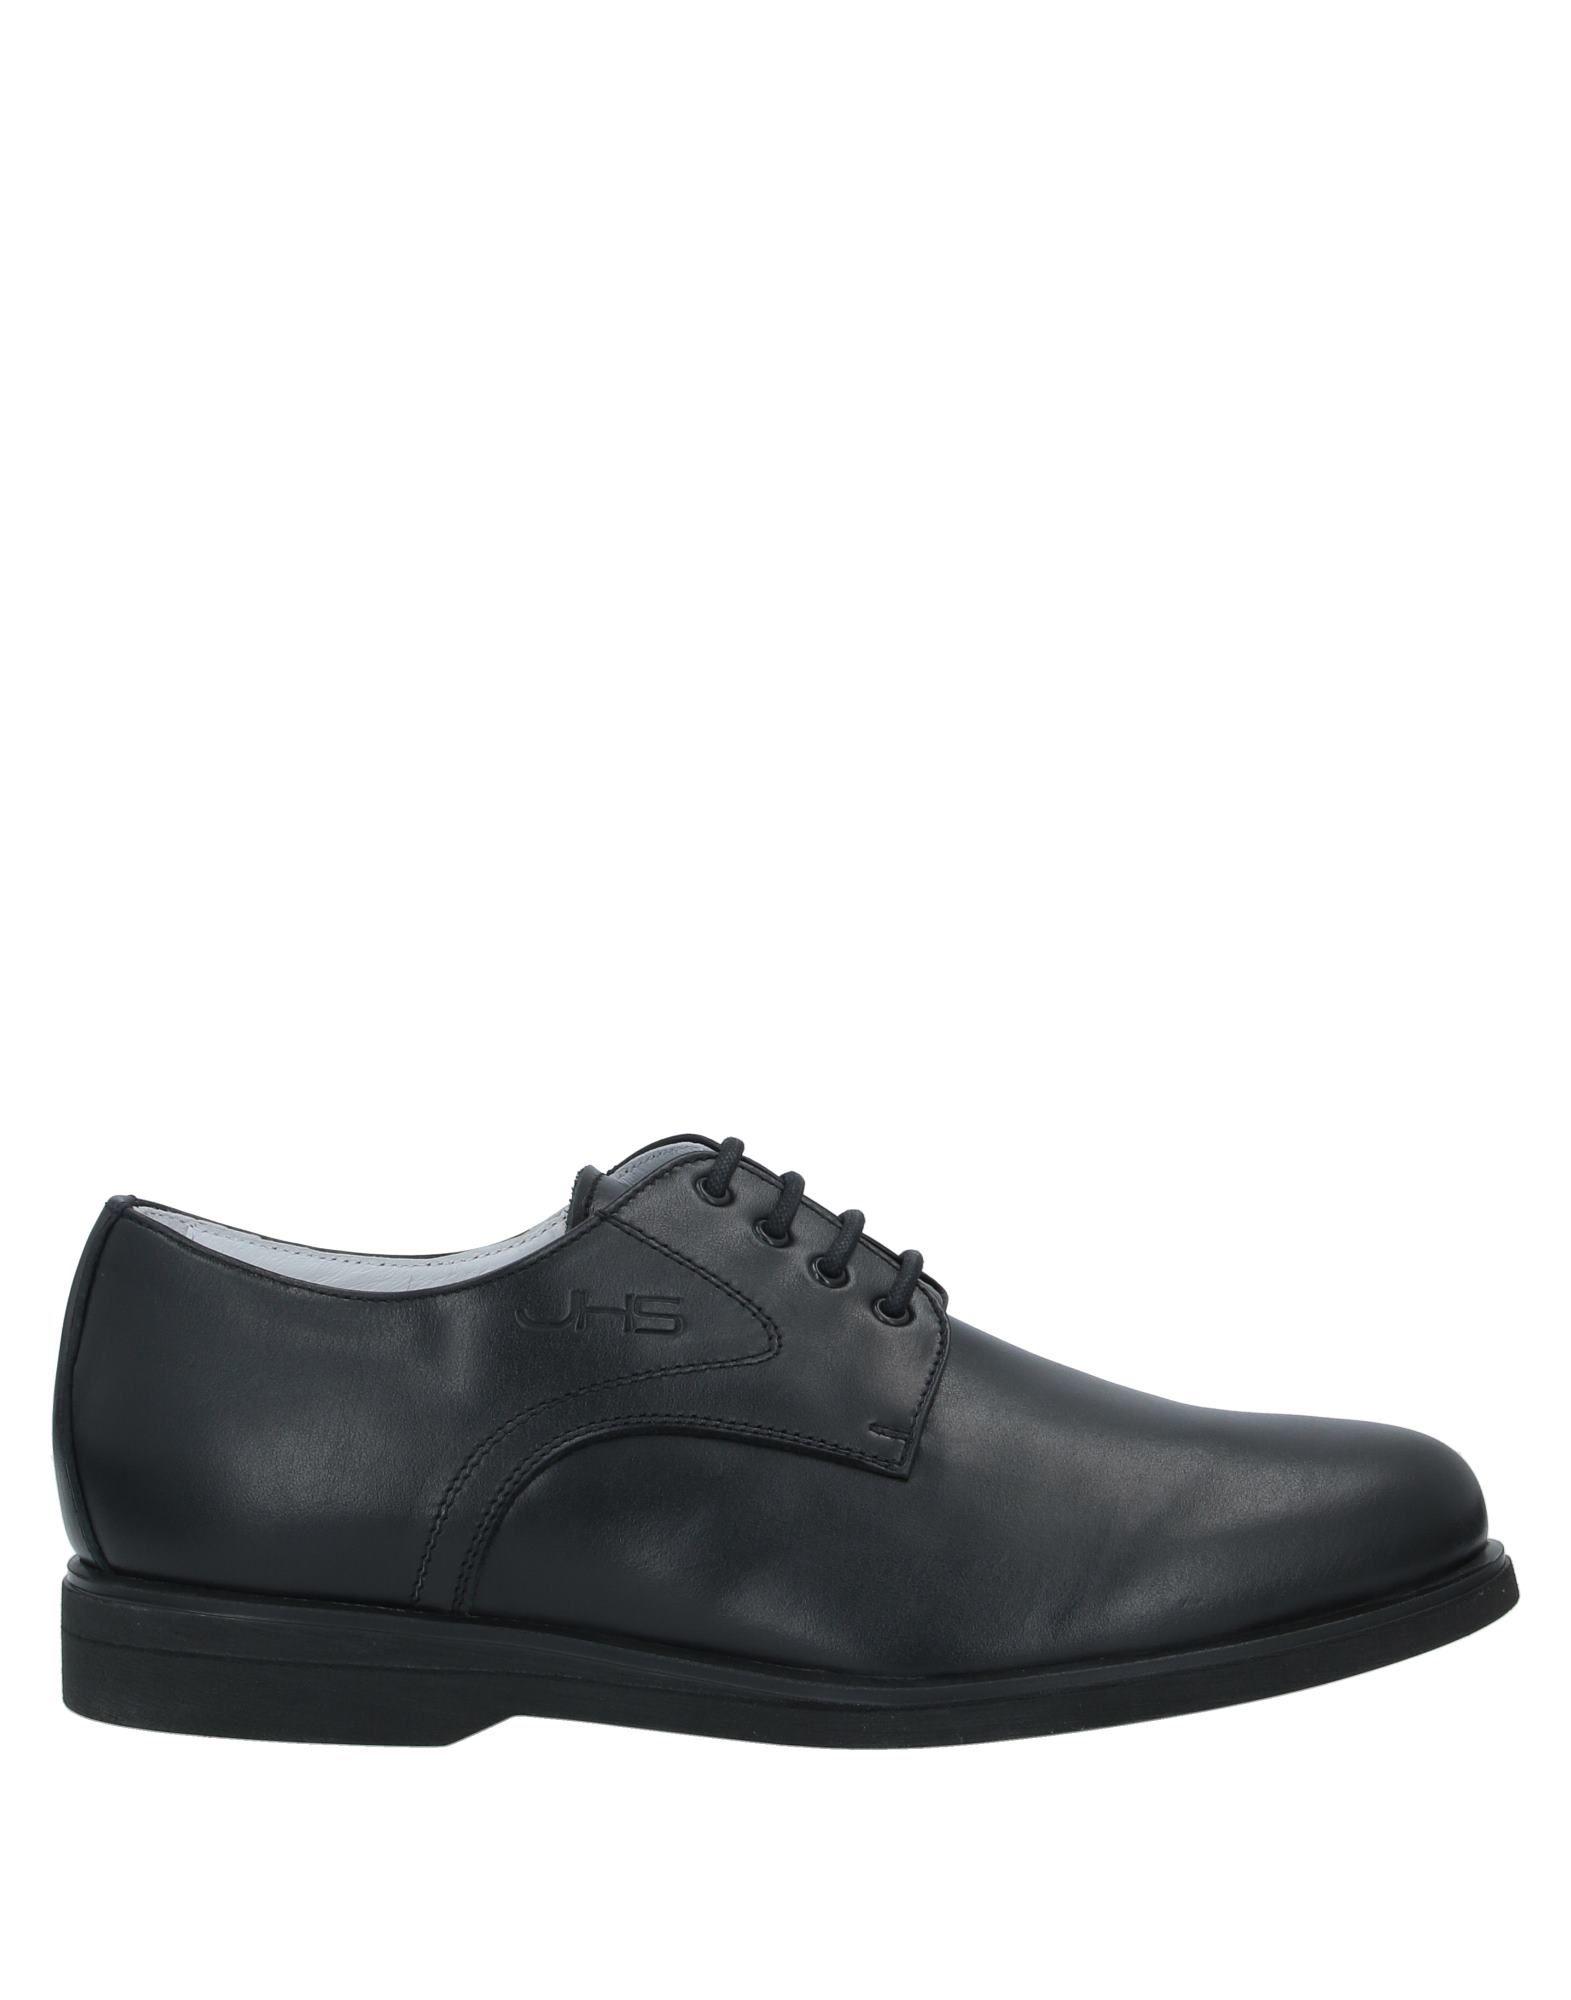 JOHN H. SANTO Lace-up shoes - Item 11907924